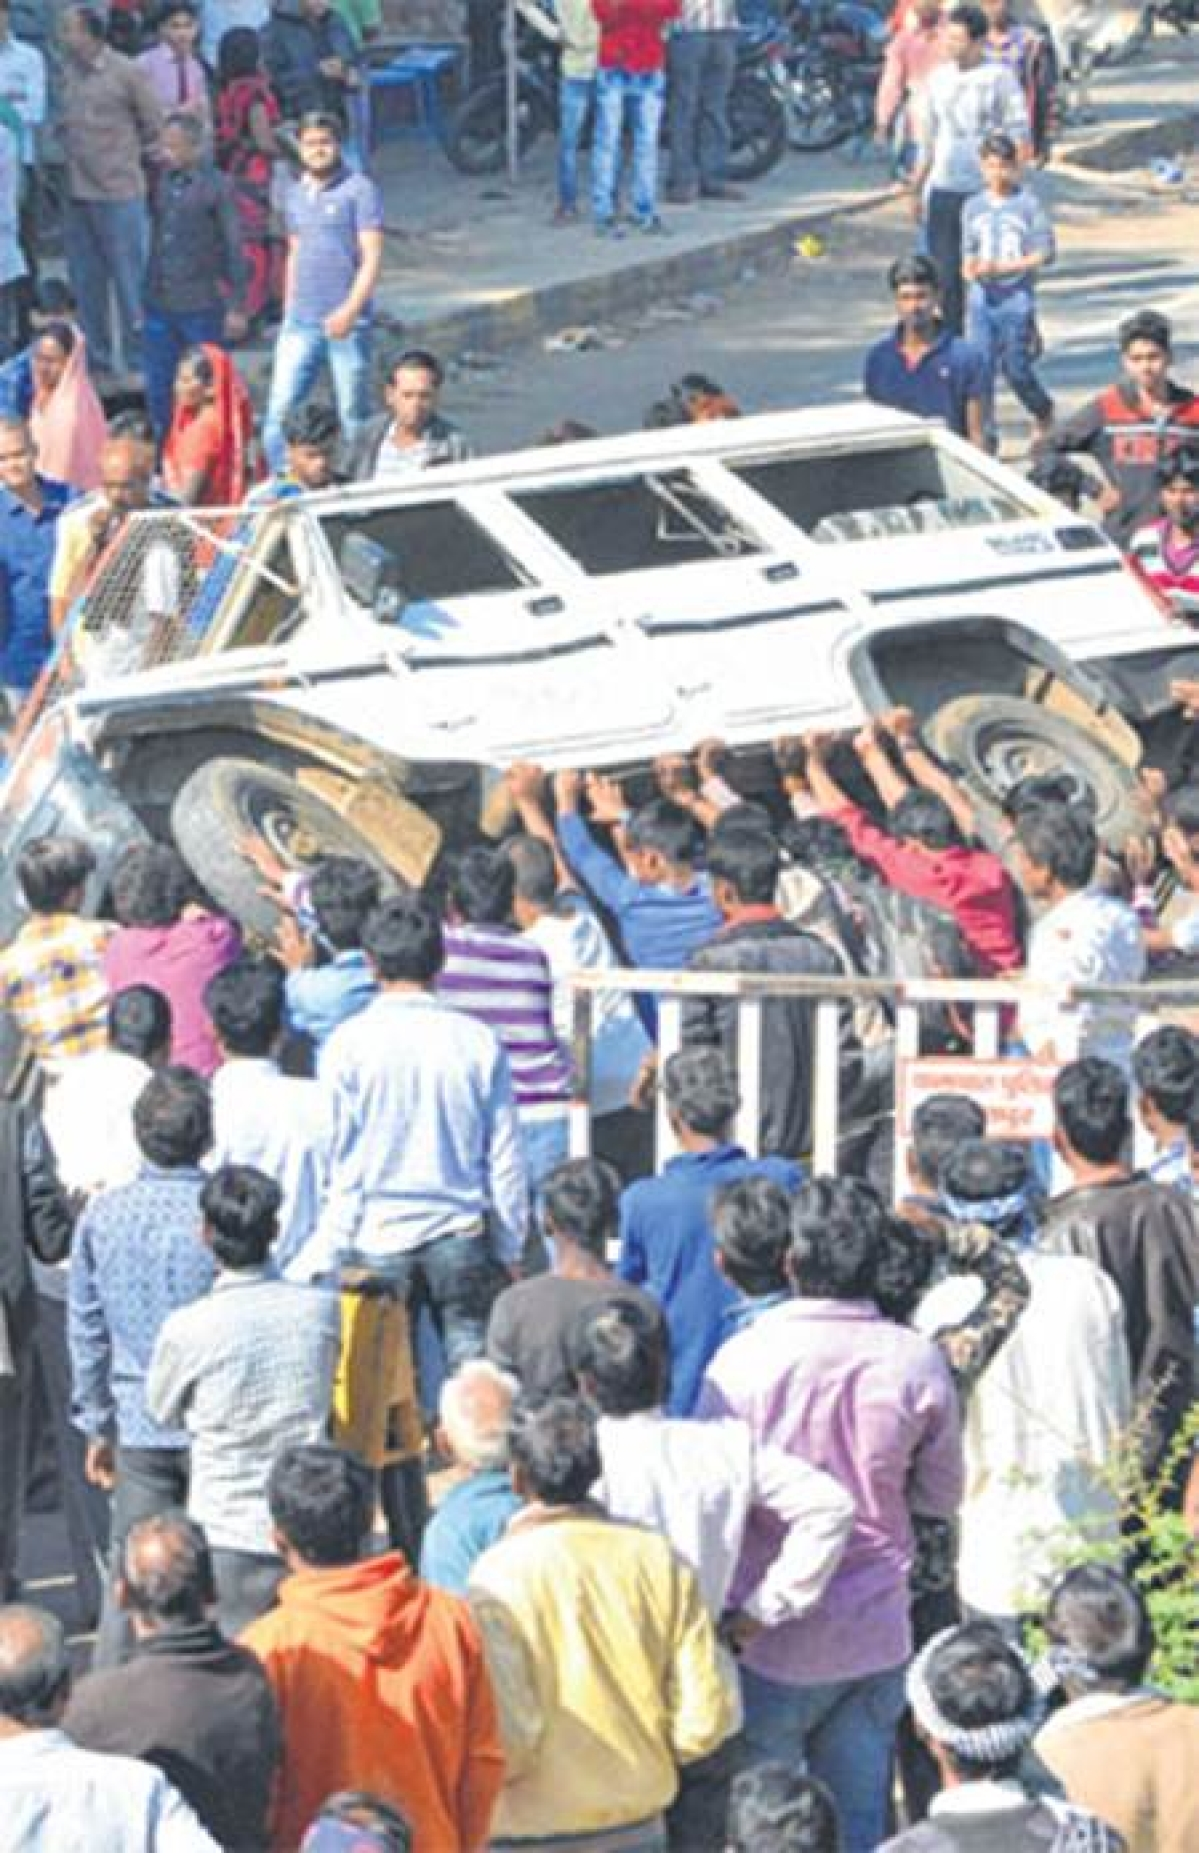 Bhopal: Violence in Jabalpur as truck rams 3 roadside shops, 5 dead